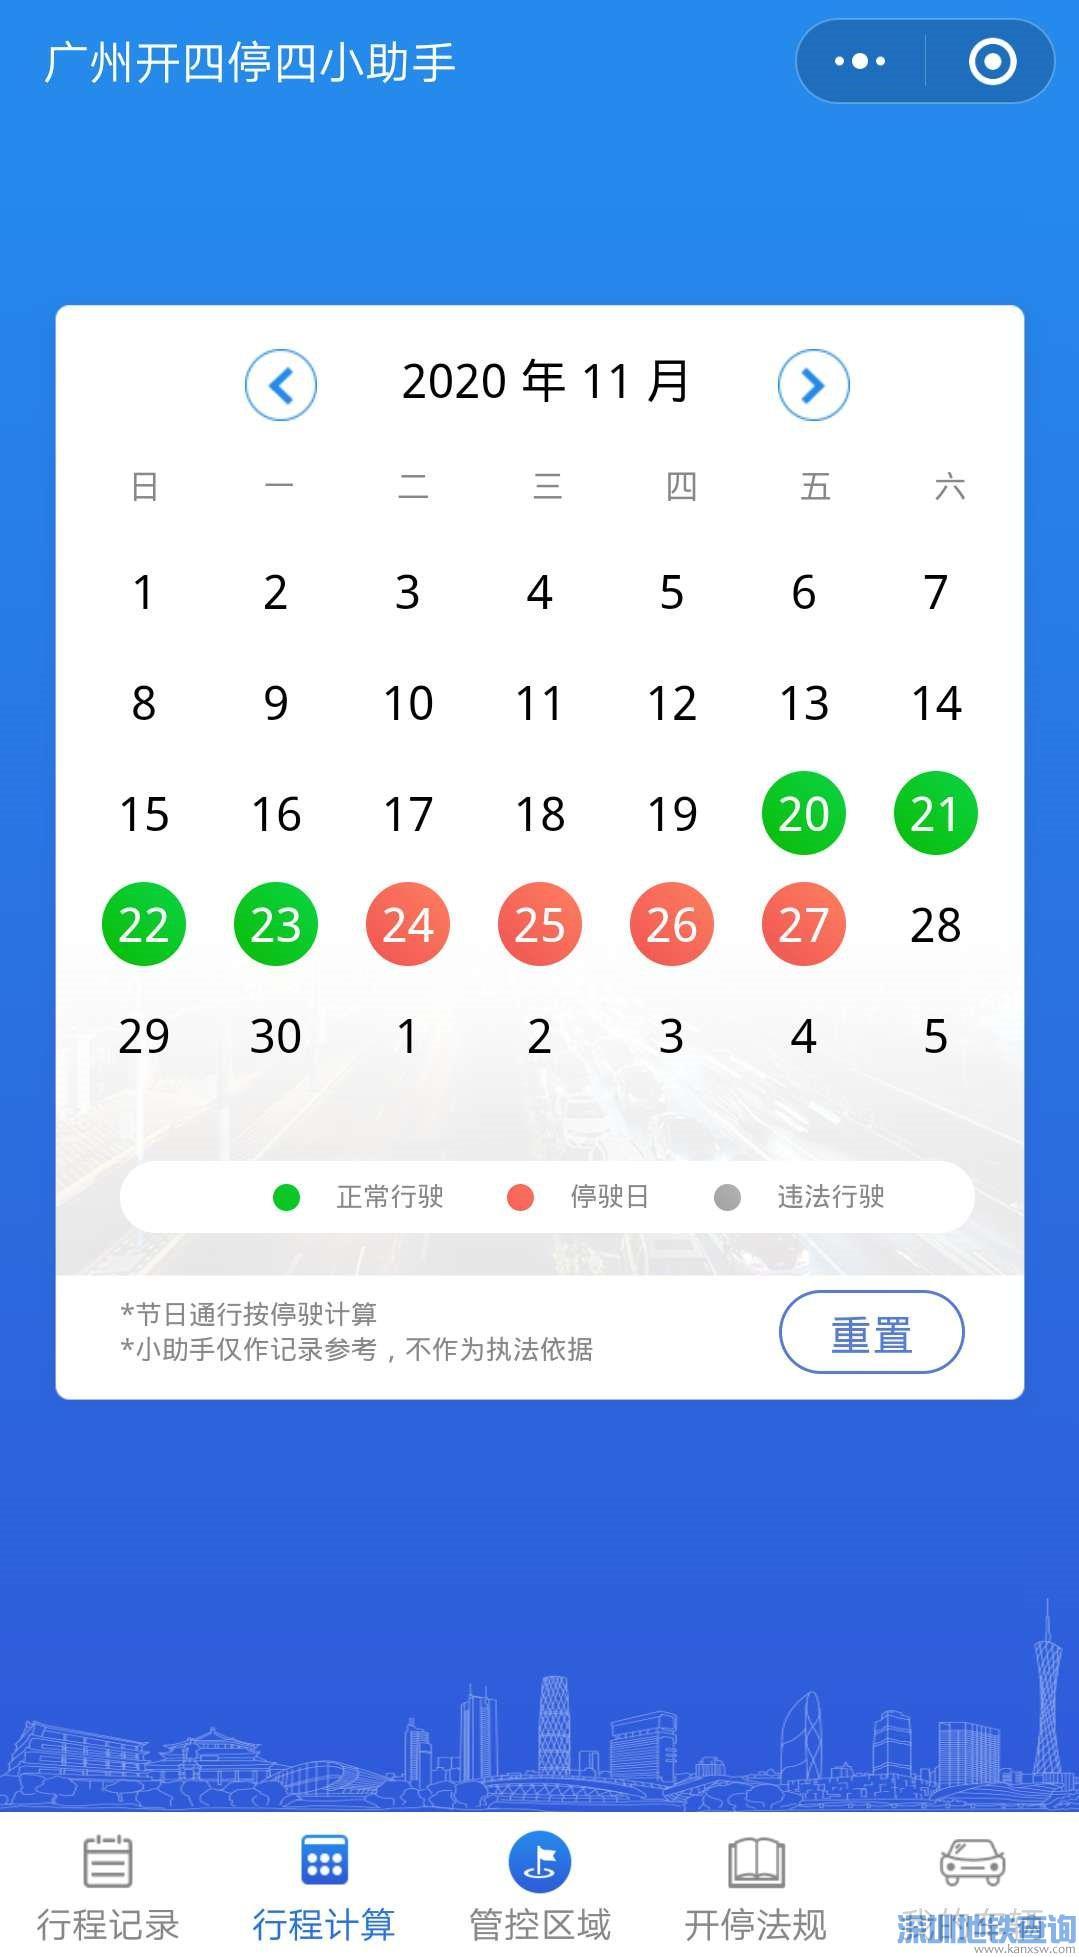 2020广州国际车展期间开四停四限行吗?